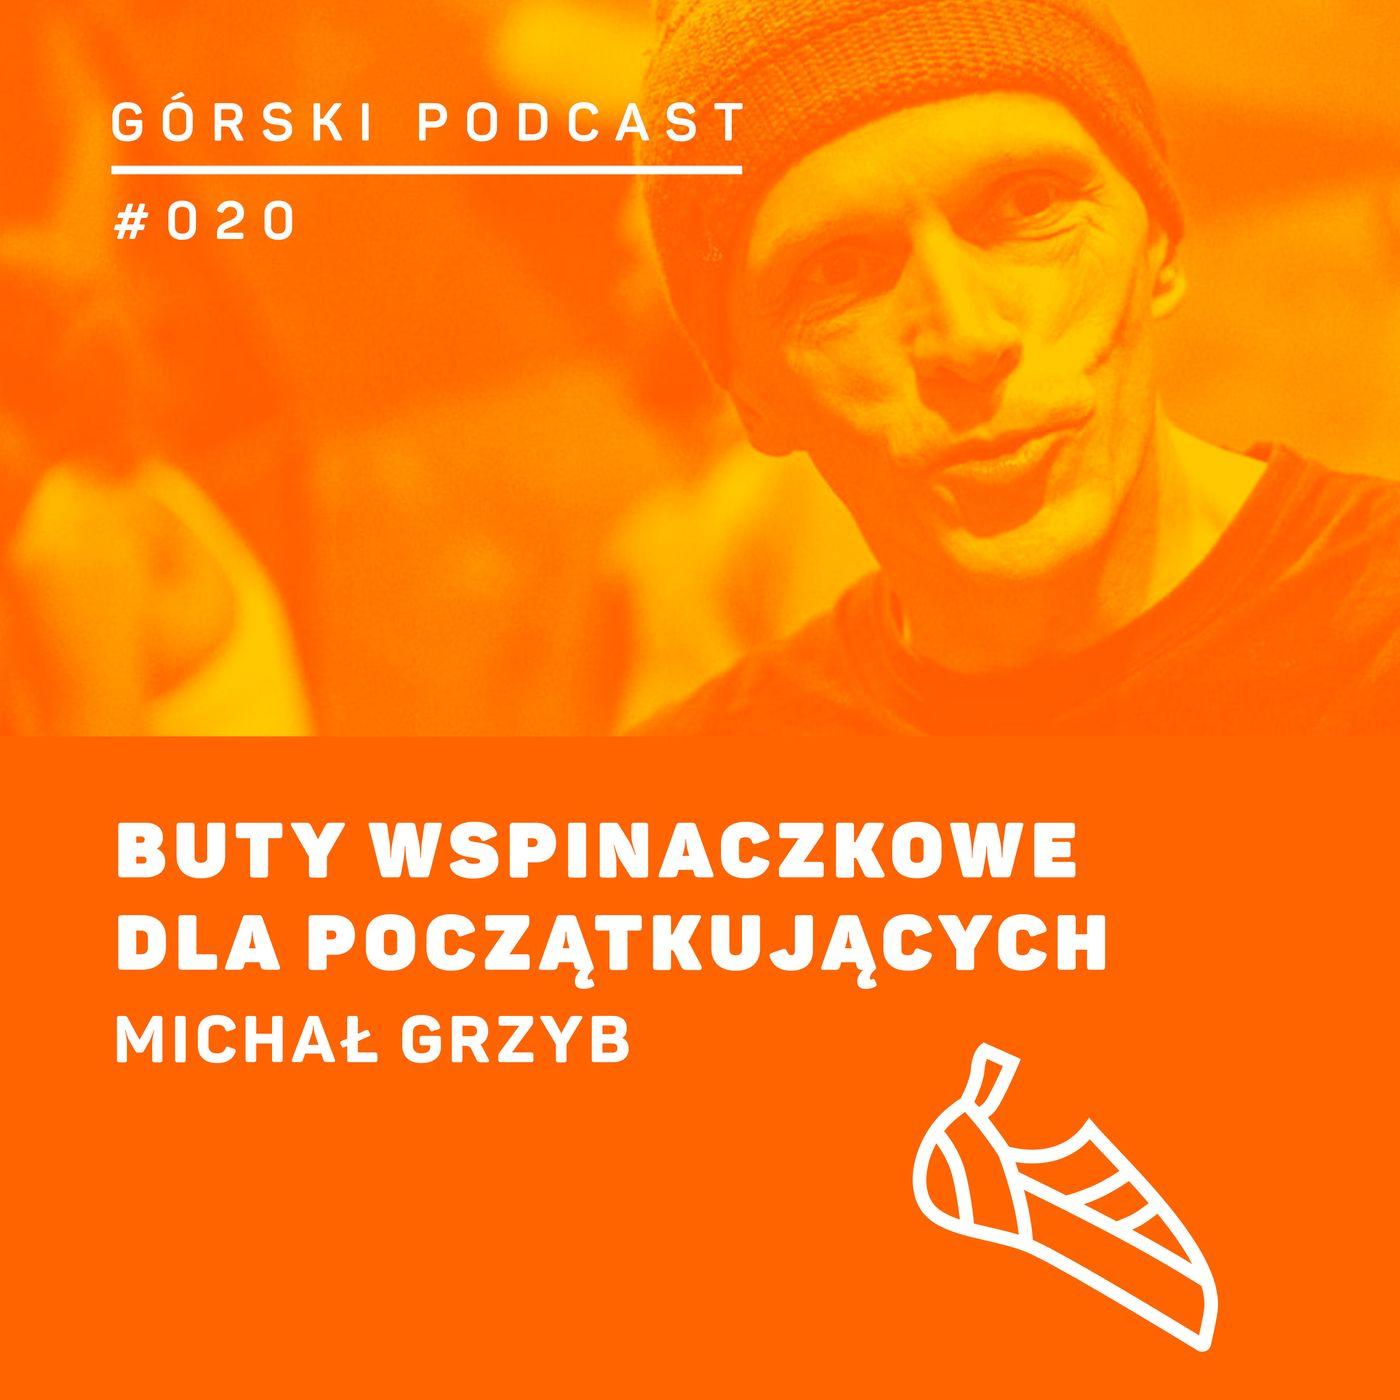 #020 8a.pl - Michał Grzyb. Buty wspinaczkowe dla początkujących.